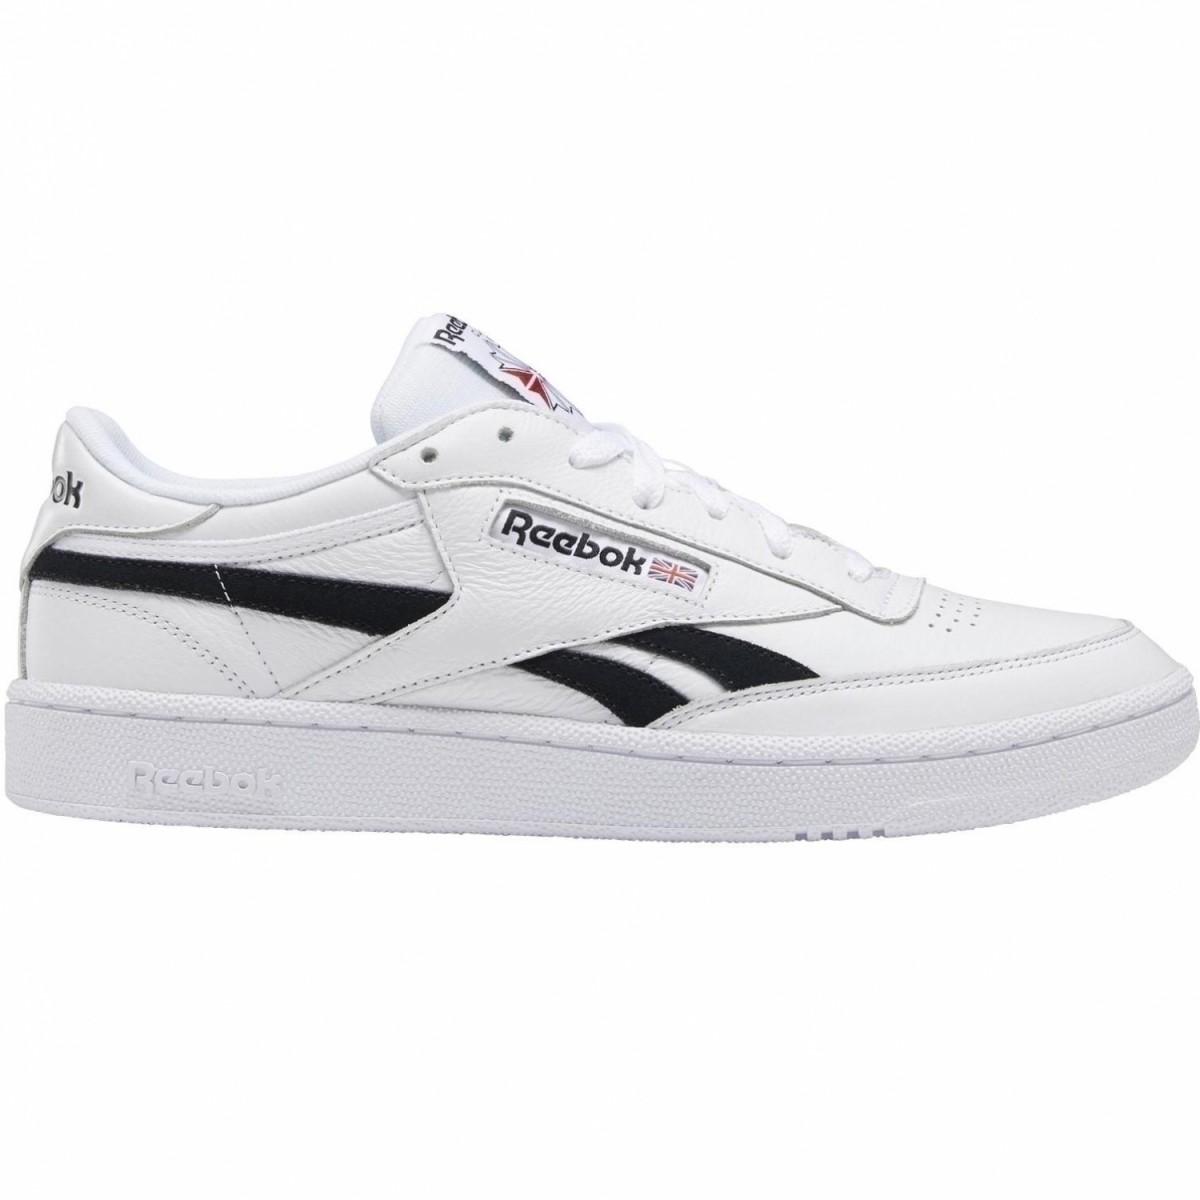 Reebok Club Revenge Mu Sneaker